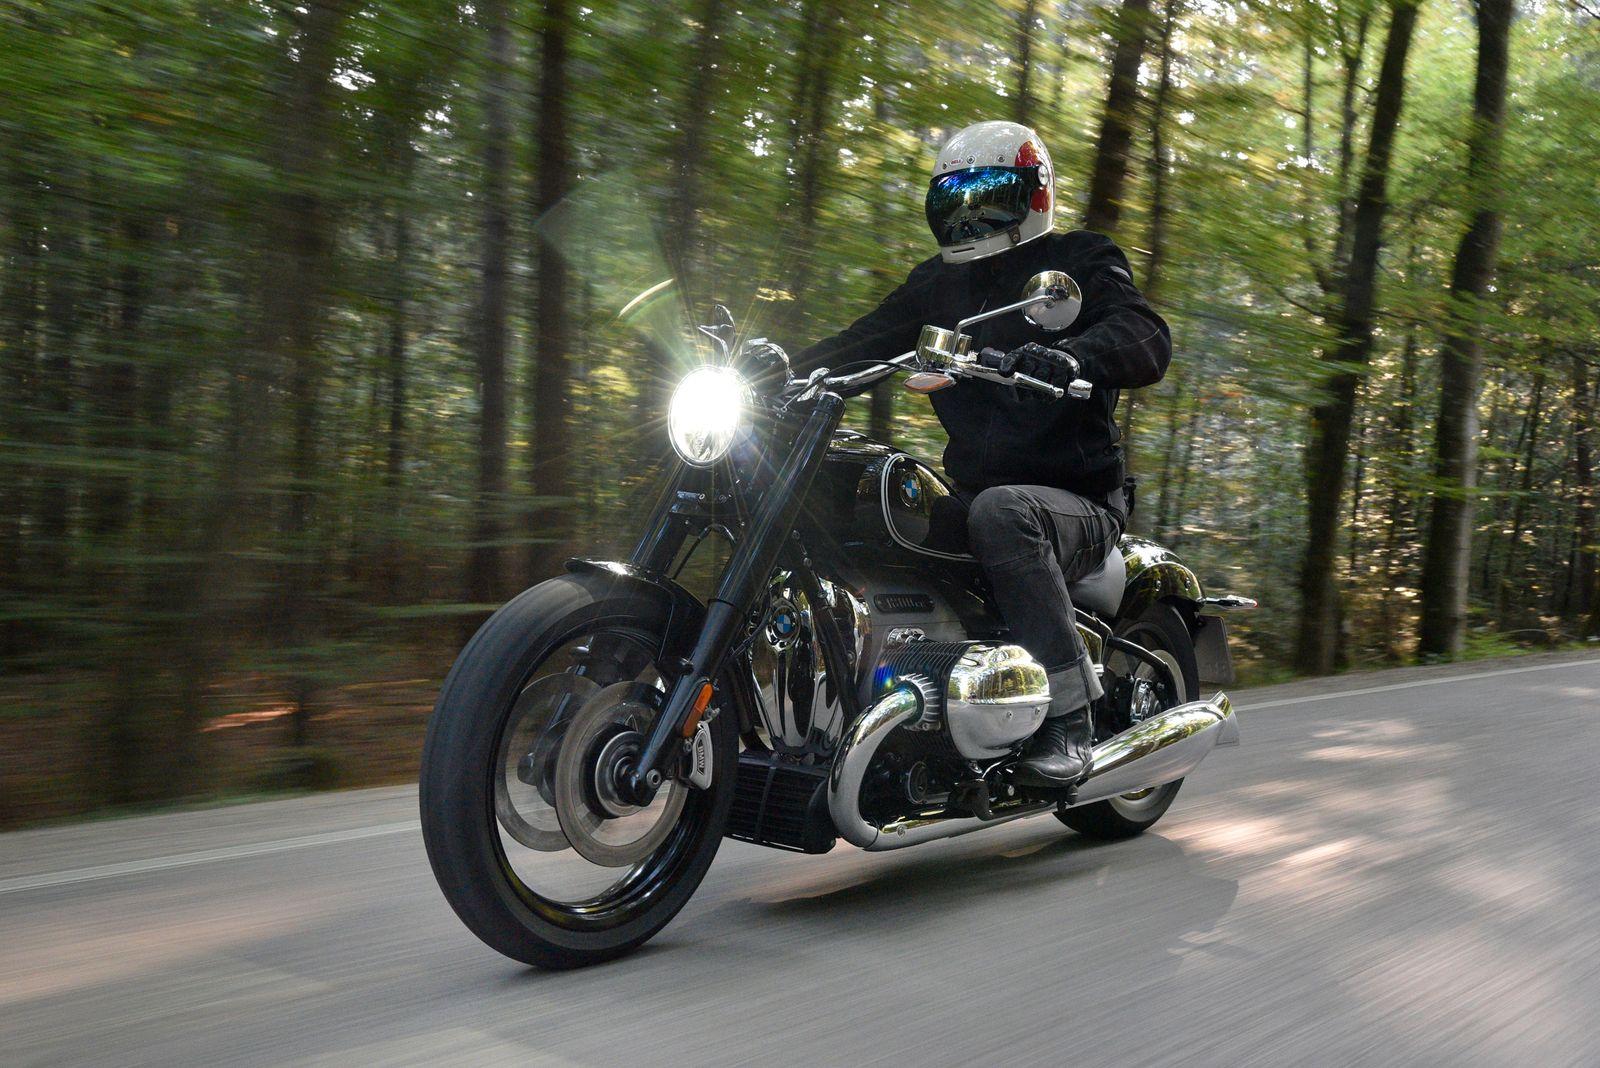 Motorrad große cruiser leute für Die wichtigsten